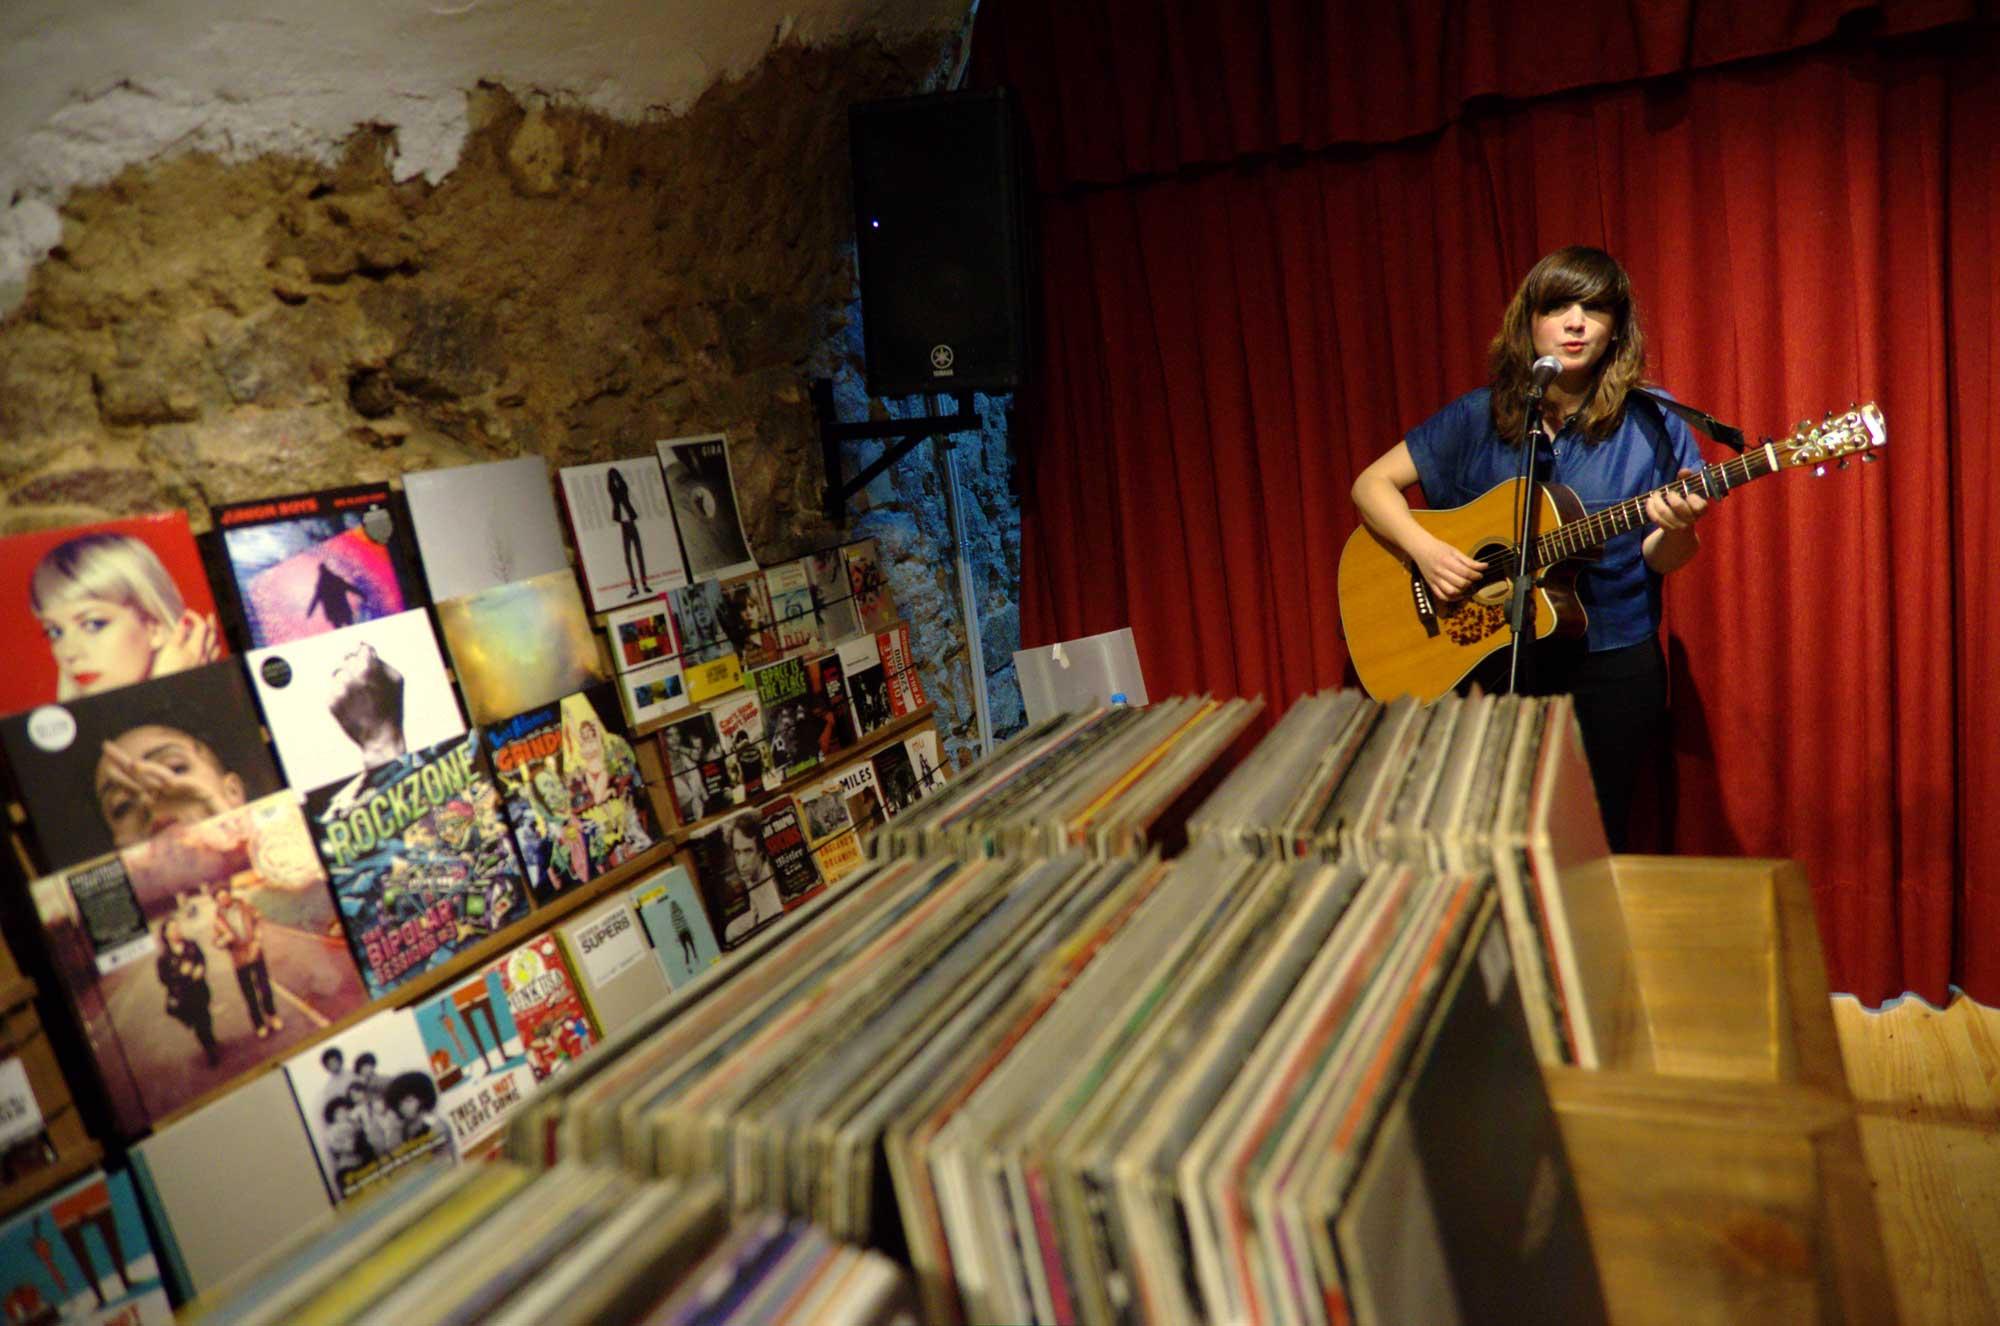 Fotografíes del Record Store Day 2016 a Barcelona